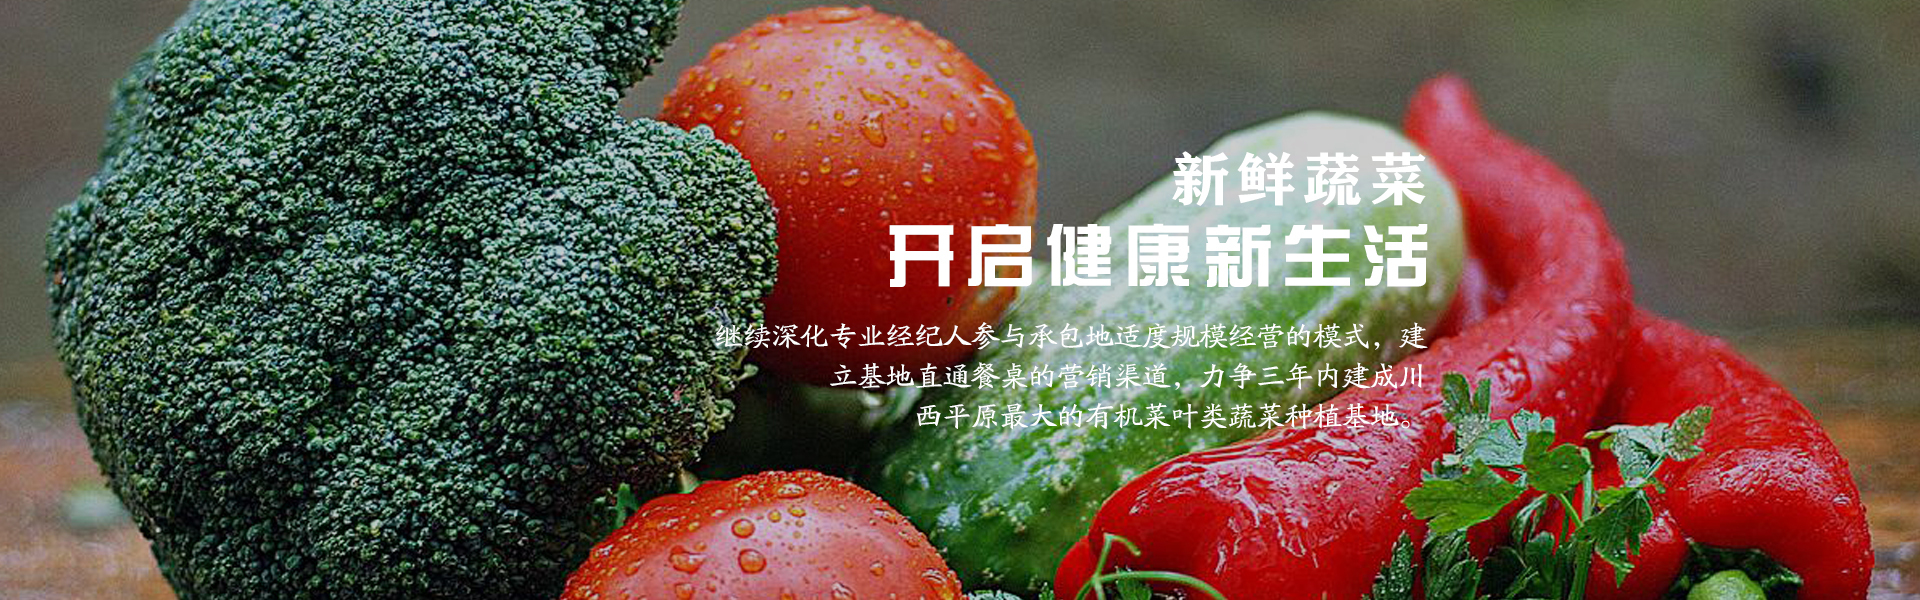 自贡新鲜蔬菜_绿色健康购买-成都市录超农业有限责任公司